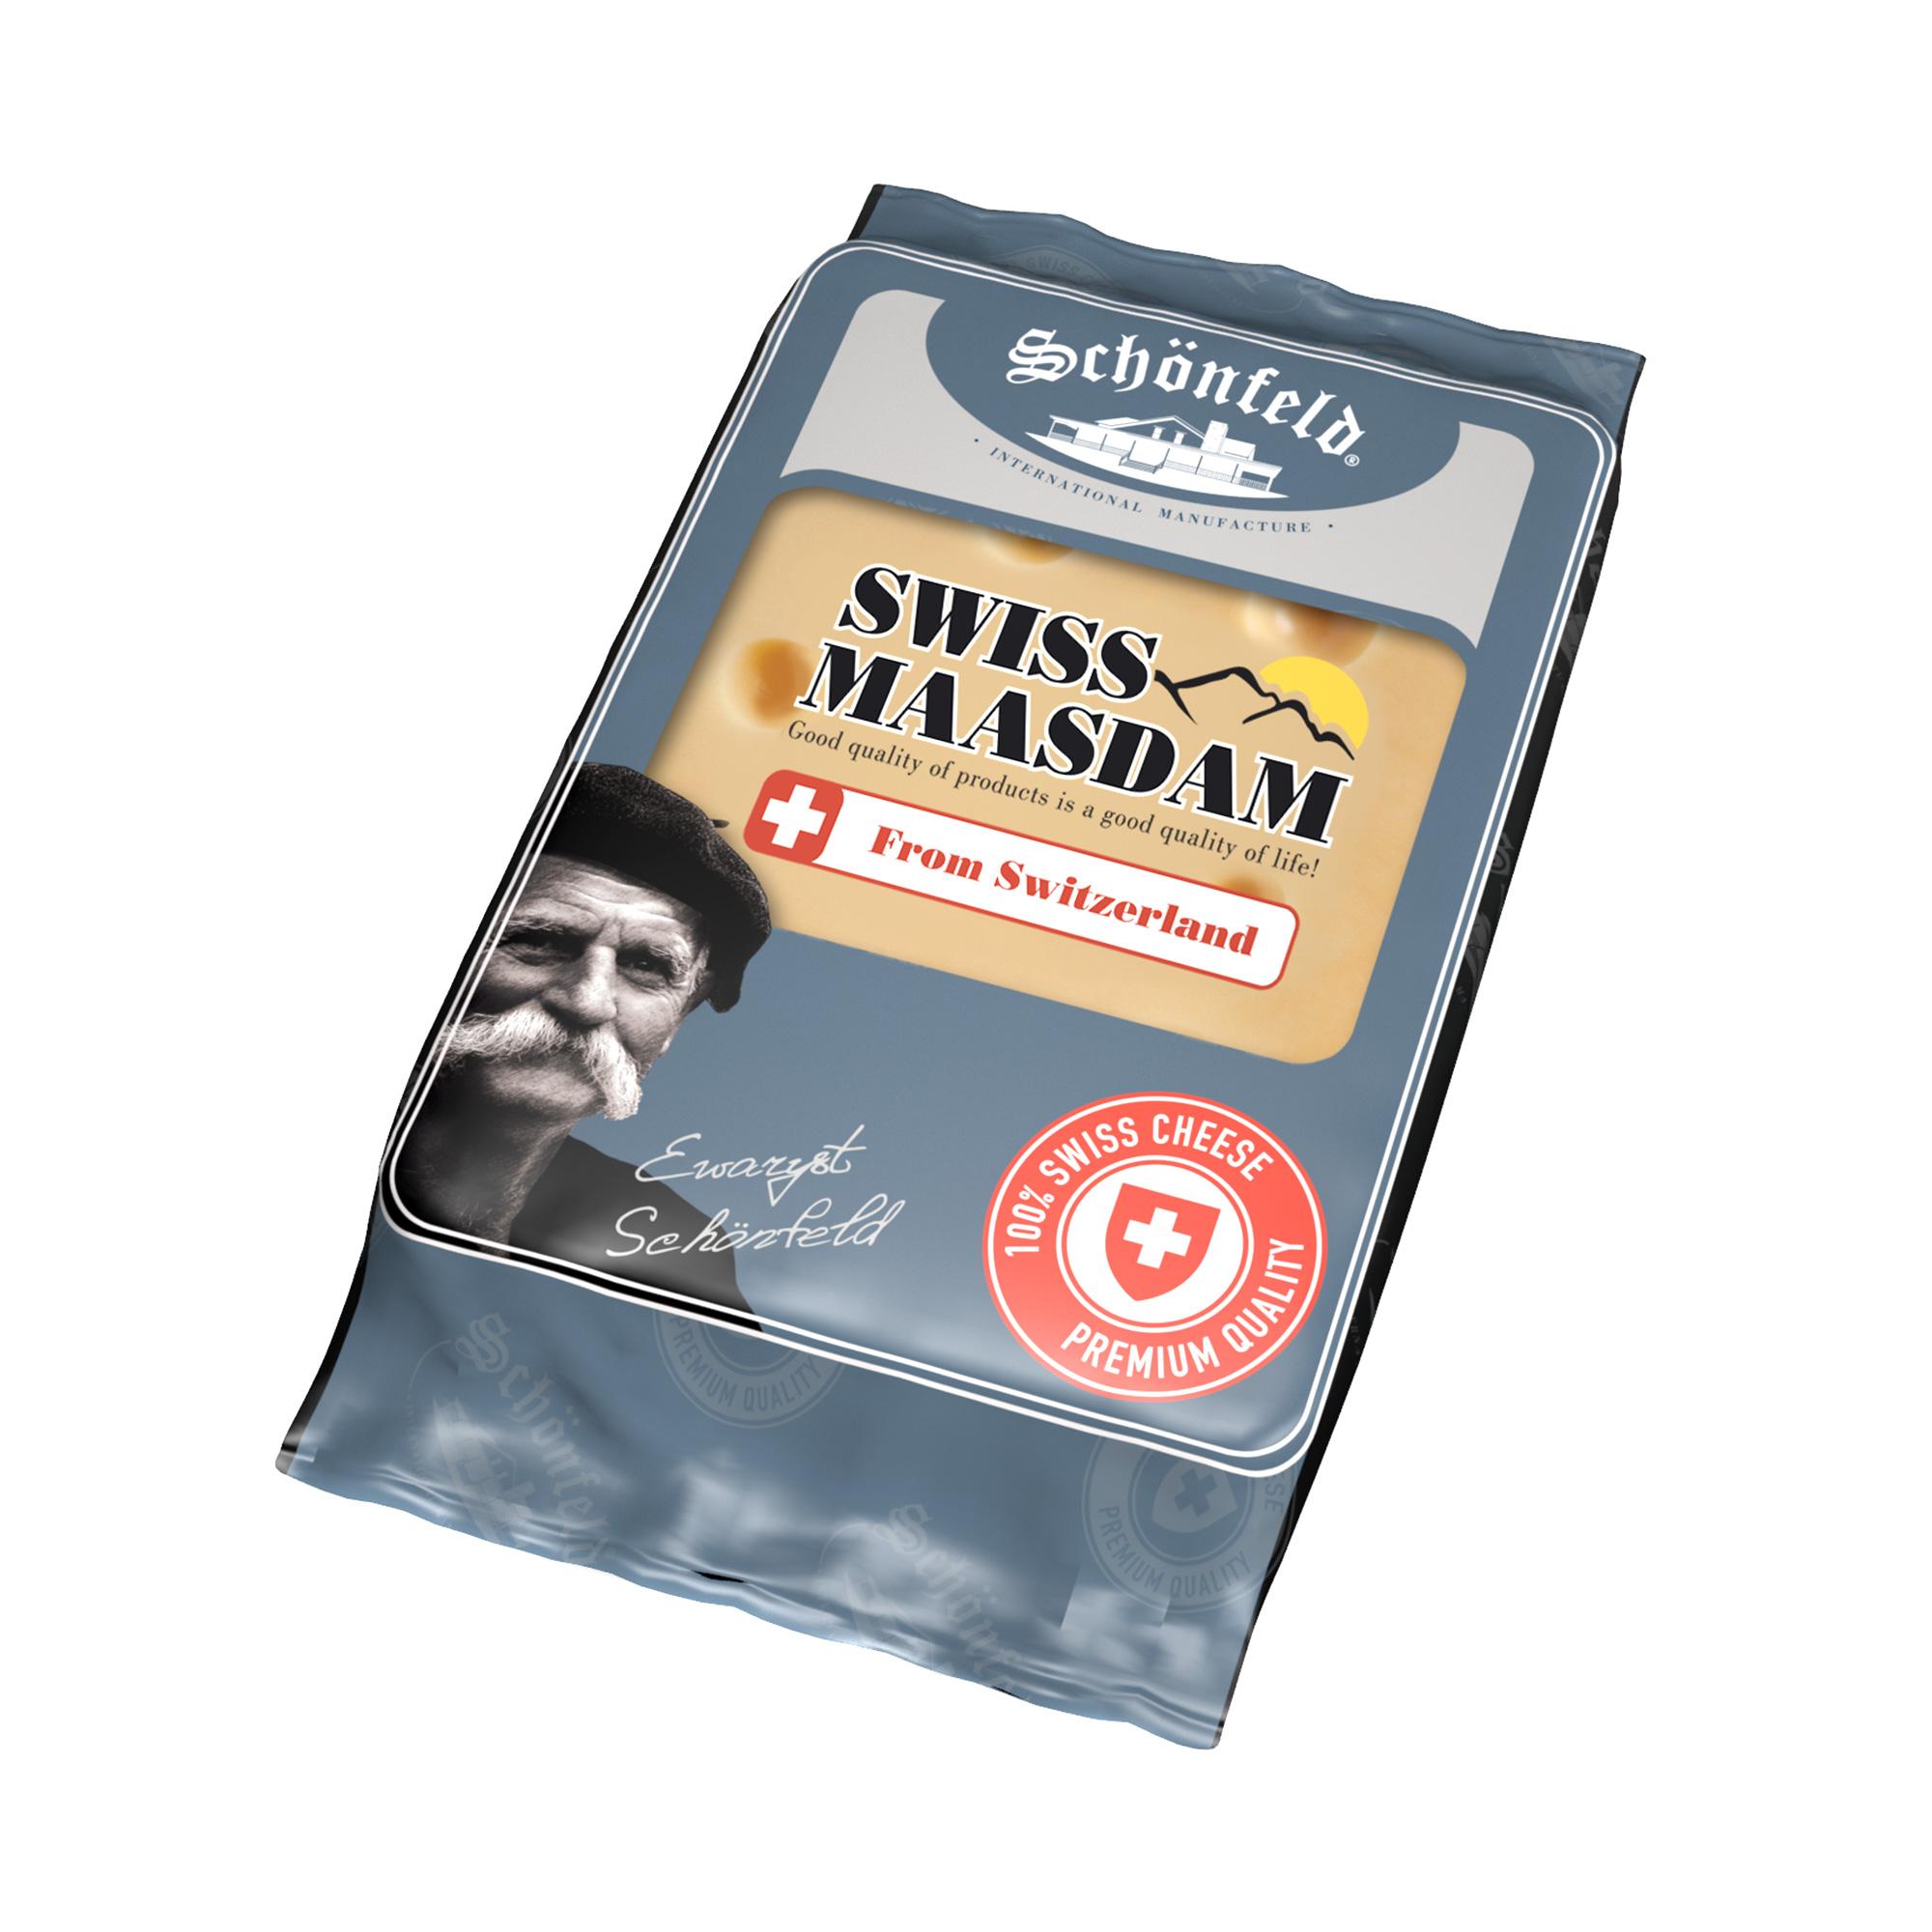 Сыр фасованный Schonfeld Swiss Maasdam кусок 48% 200 г сыр полутвердый schonfeld pepato с перцем горошком 50% кг